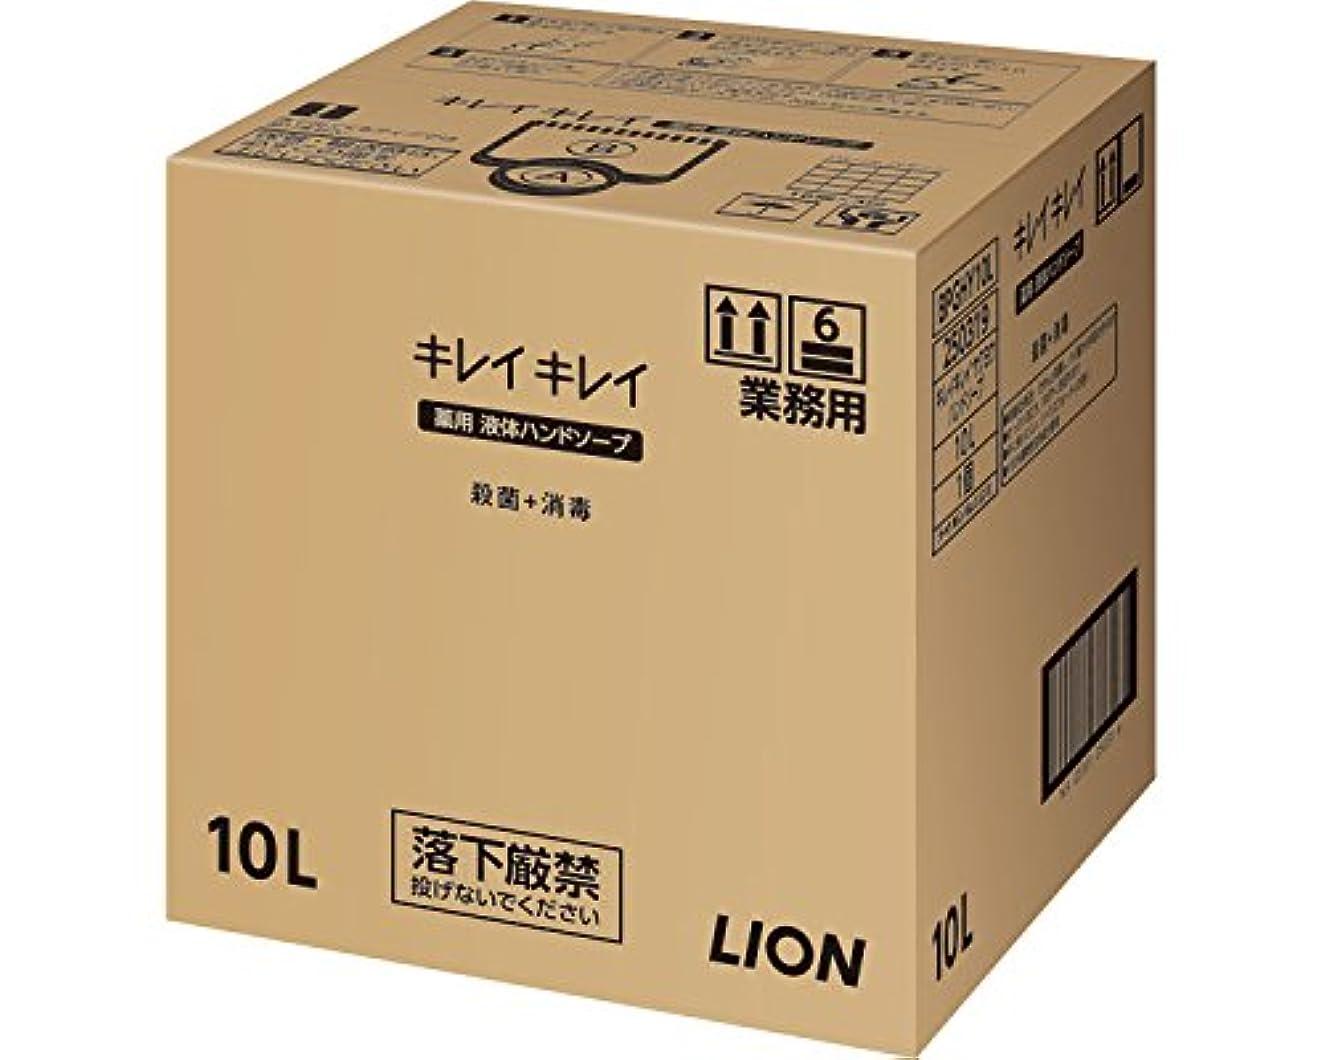 毛布支給マニュアルキレイキレイ薬用ハンドソープ 10L (ライオンハイジーン) (清拭小物)